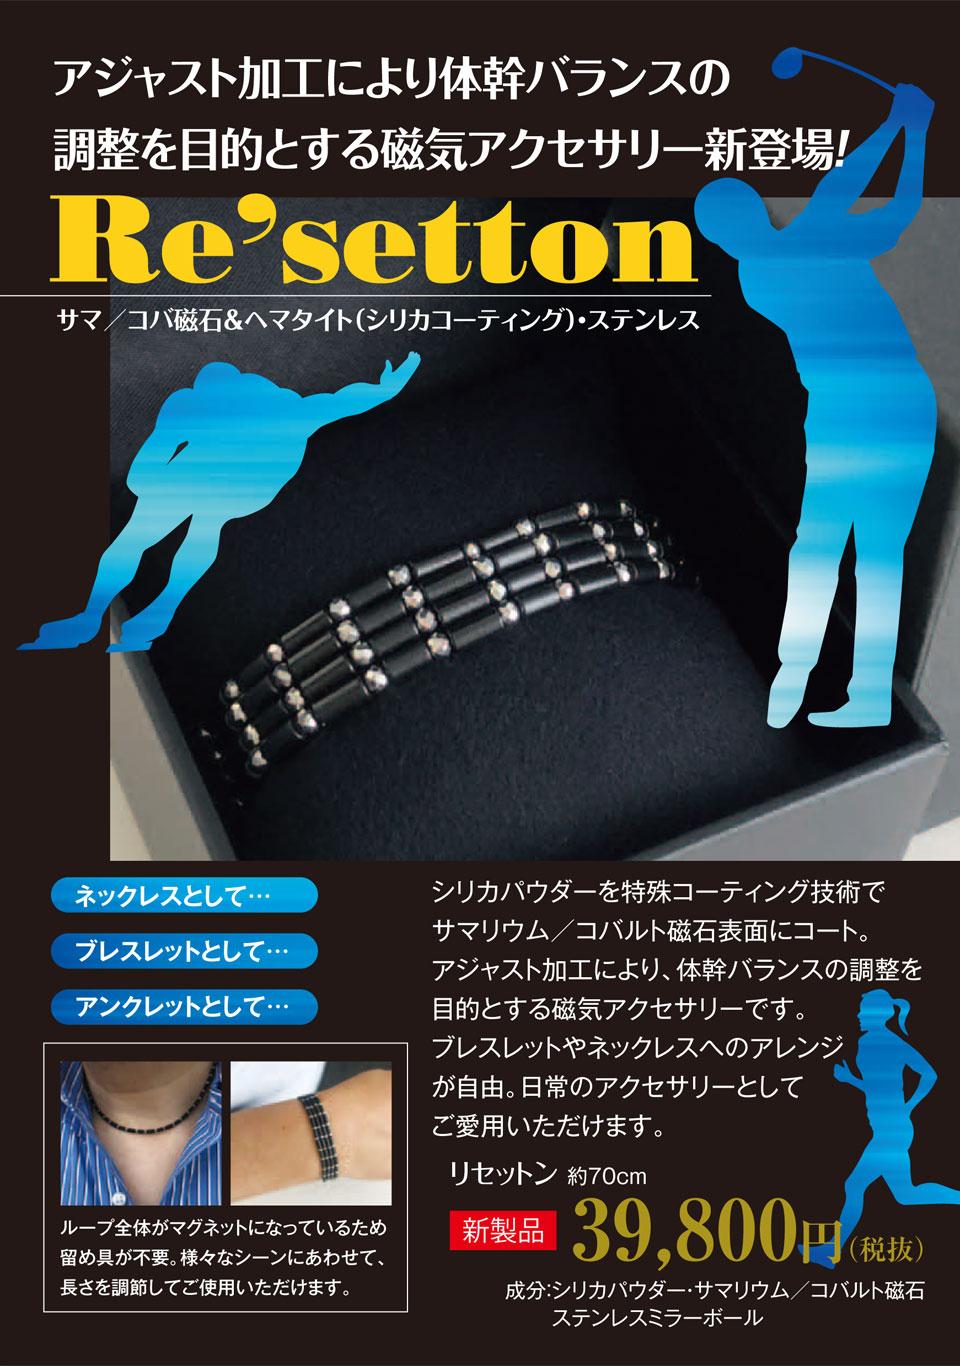 アジャスト加工により体幹バランスの調整を目的とする磁気アクセサリー新登場【Re'setton】リセットン